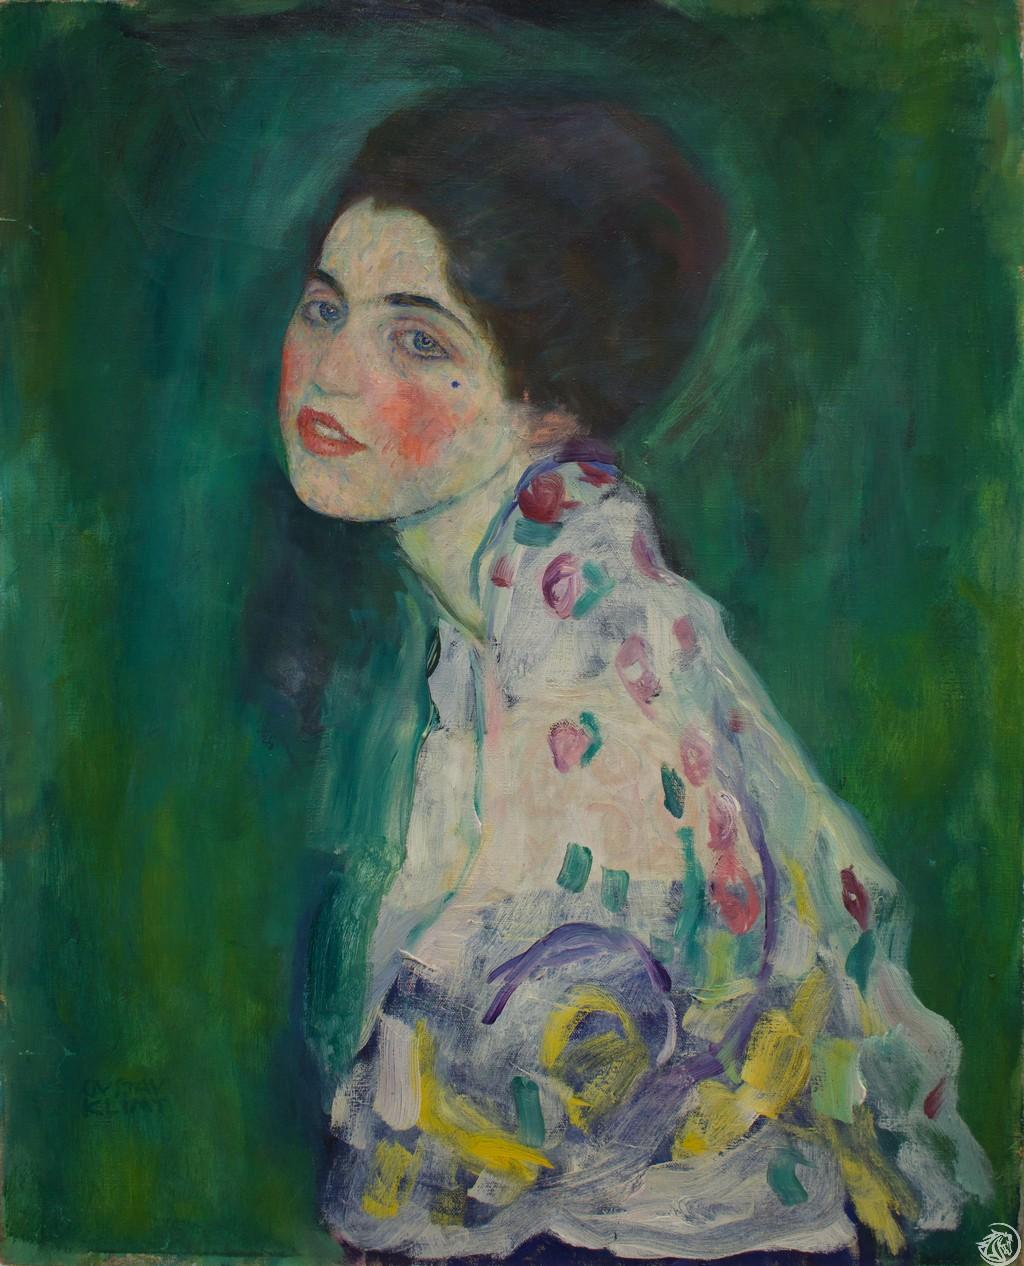 GRO_Gustav Klimt. Ritratto di Signora_1916-17